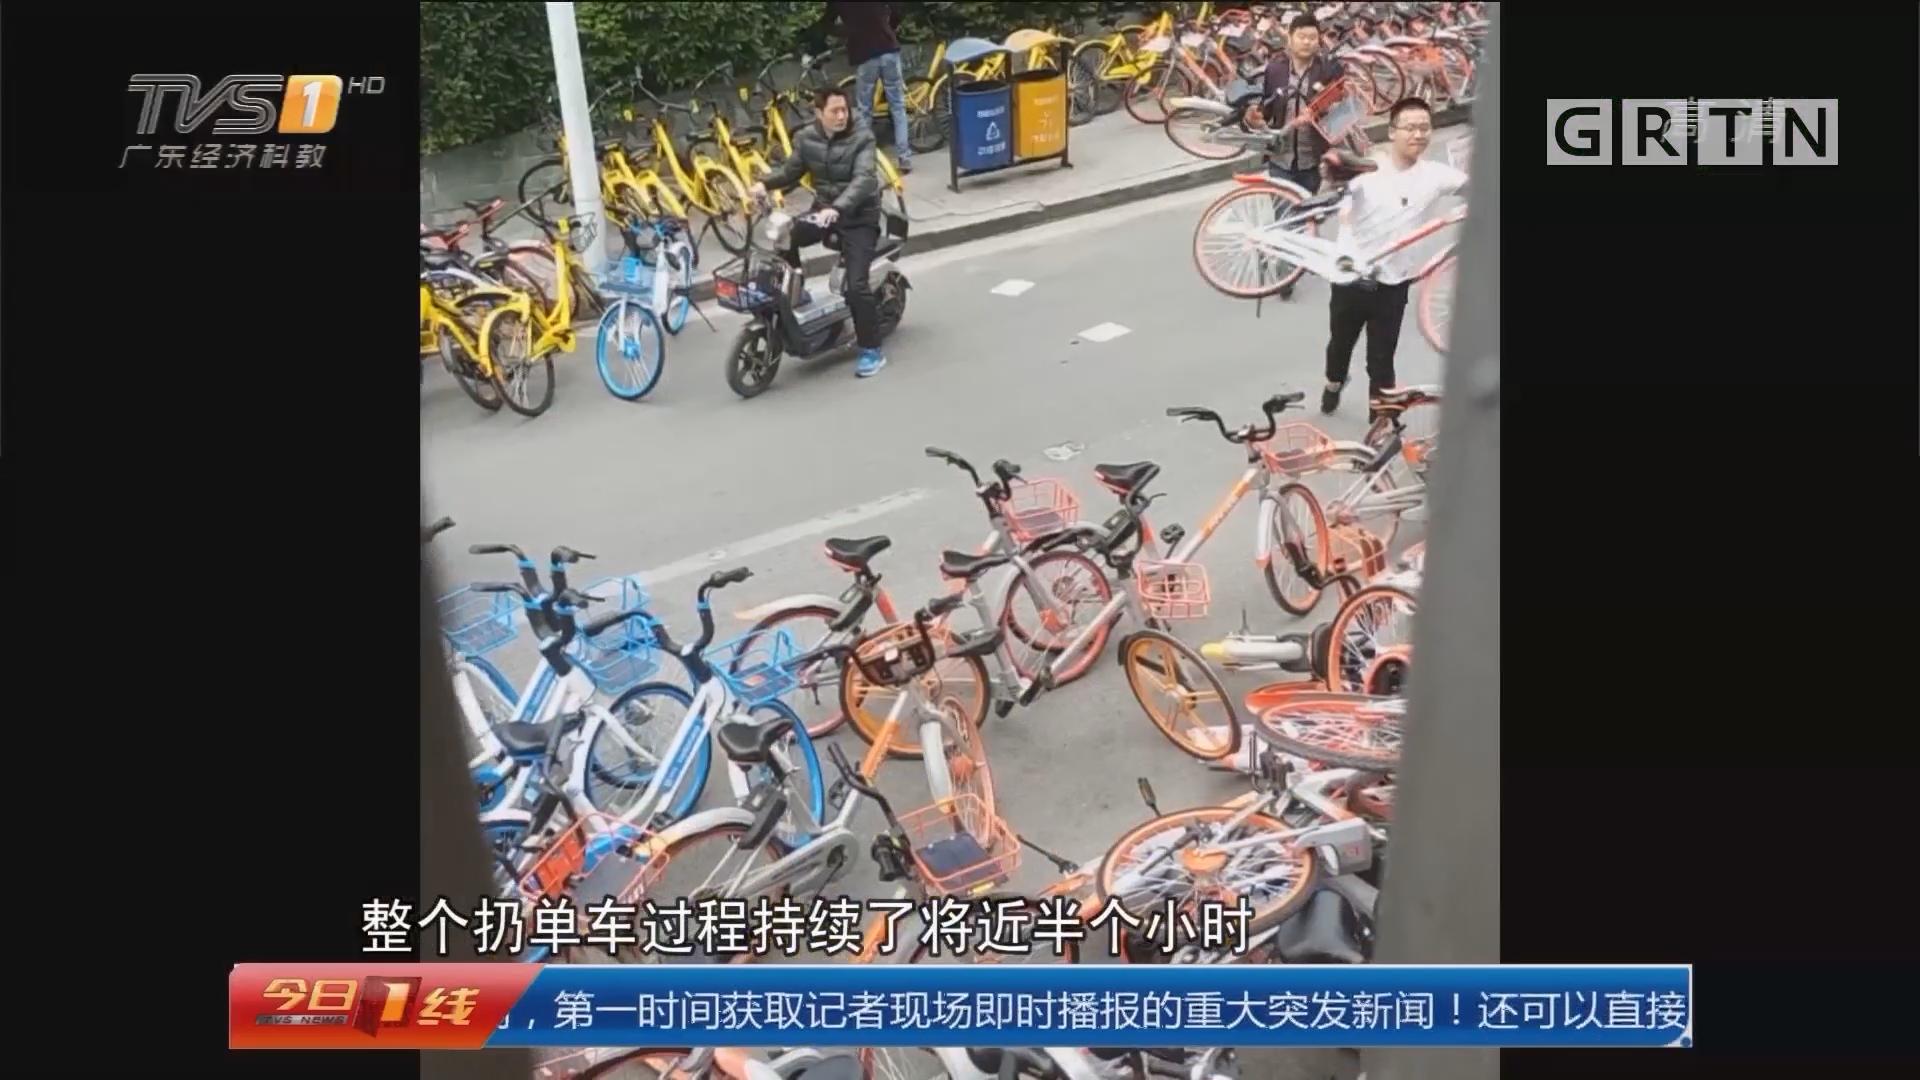 东莞:19辆共享单车遭狂仍 同行所为?